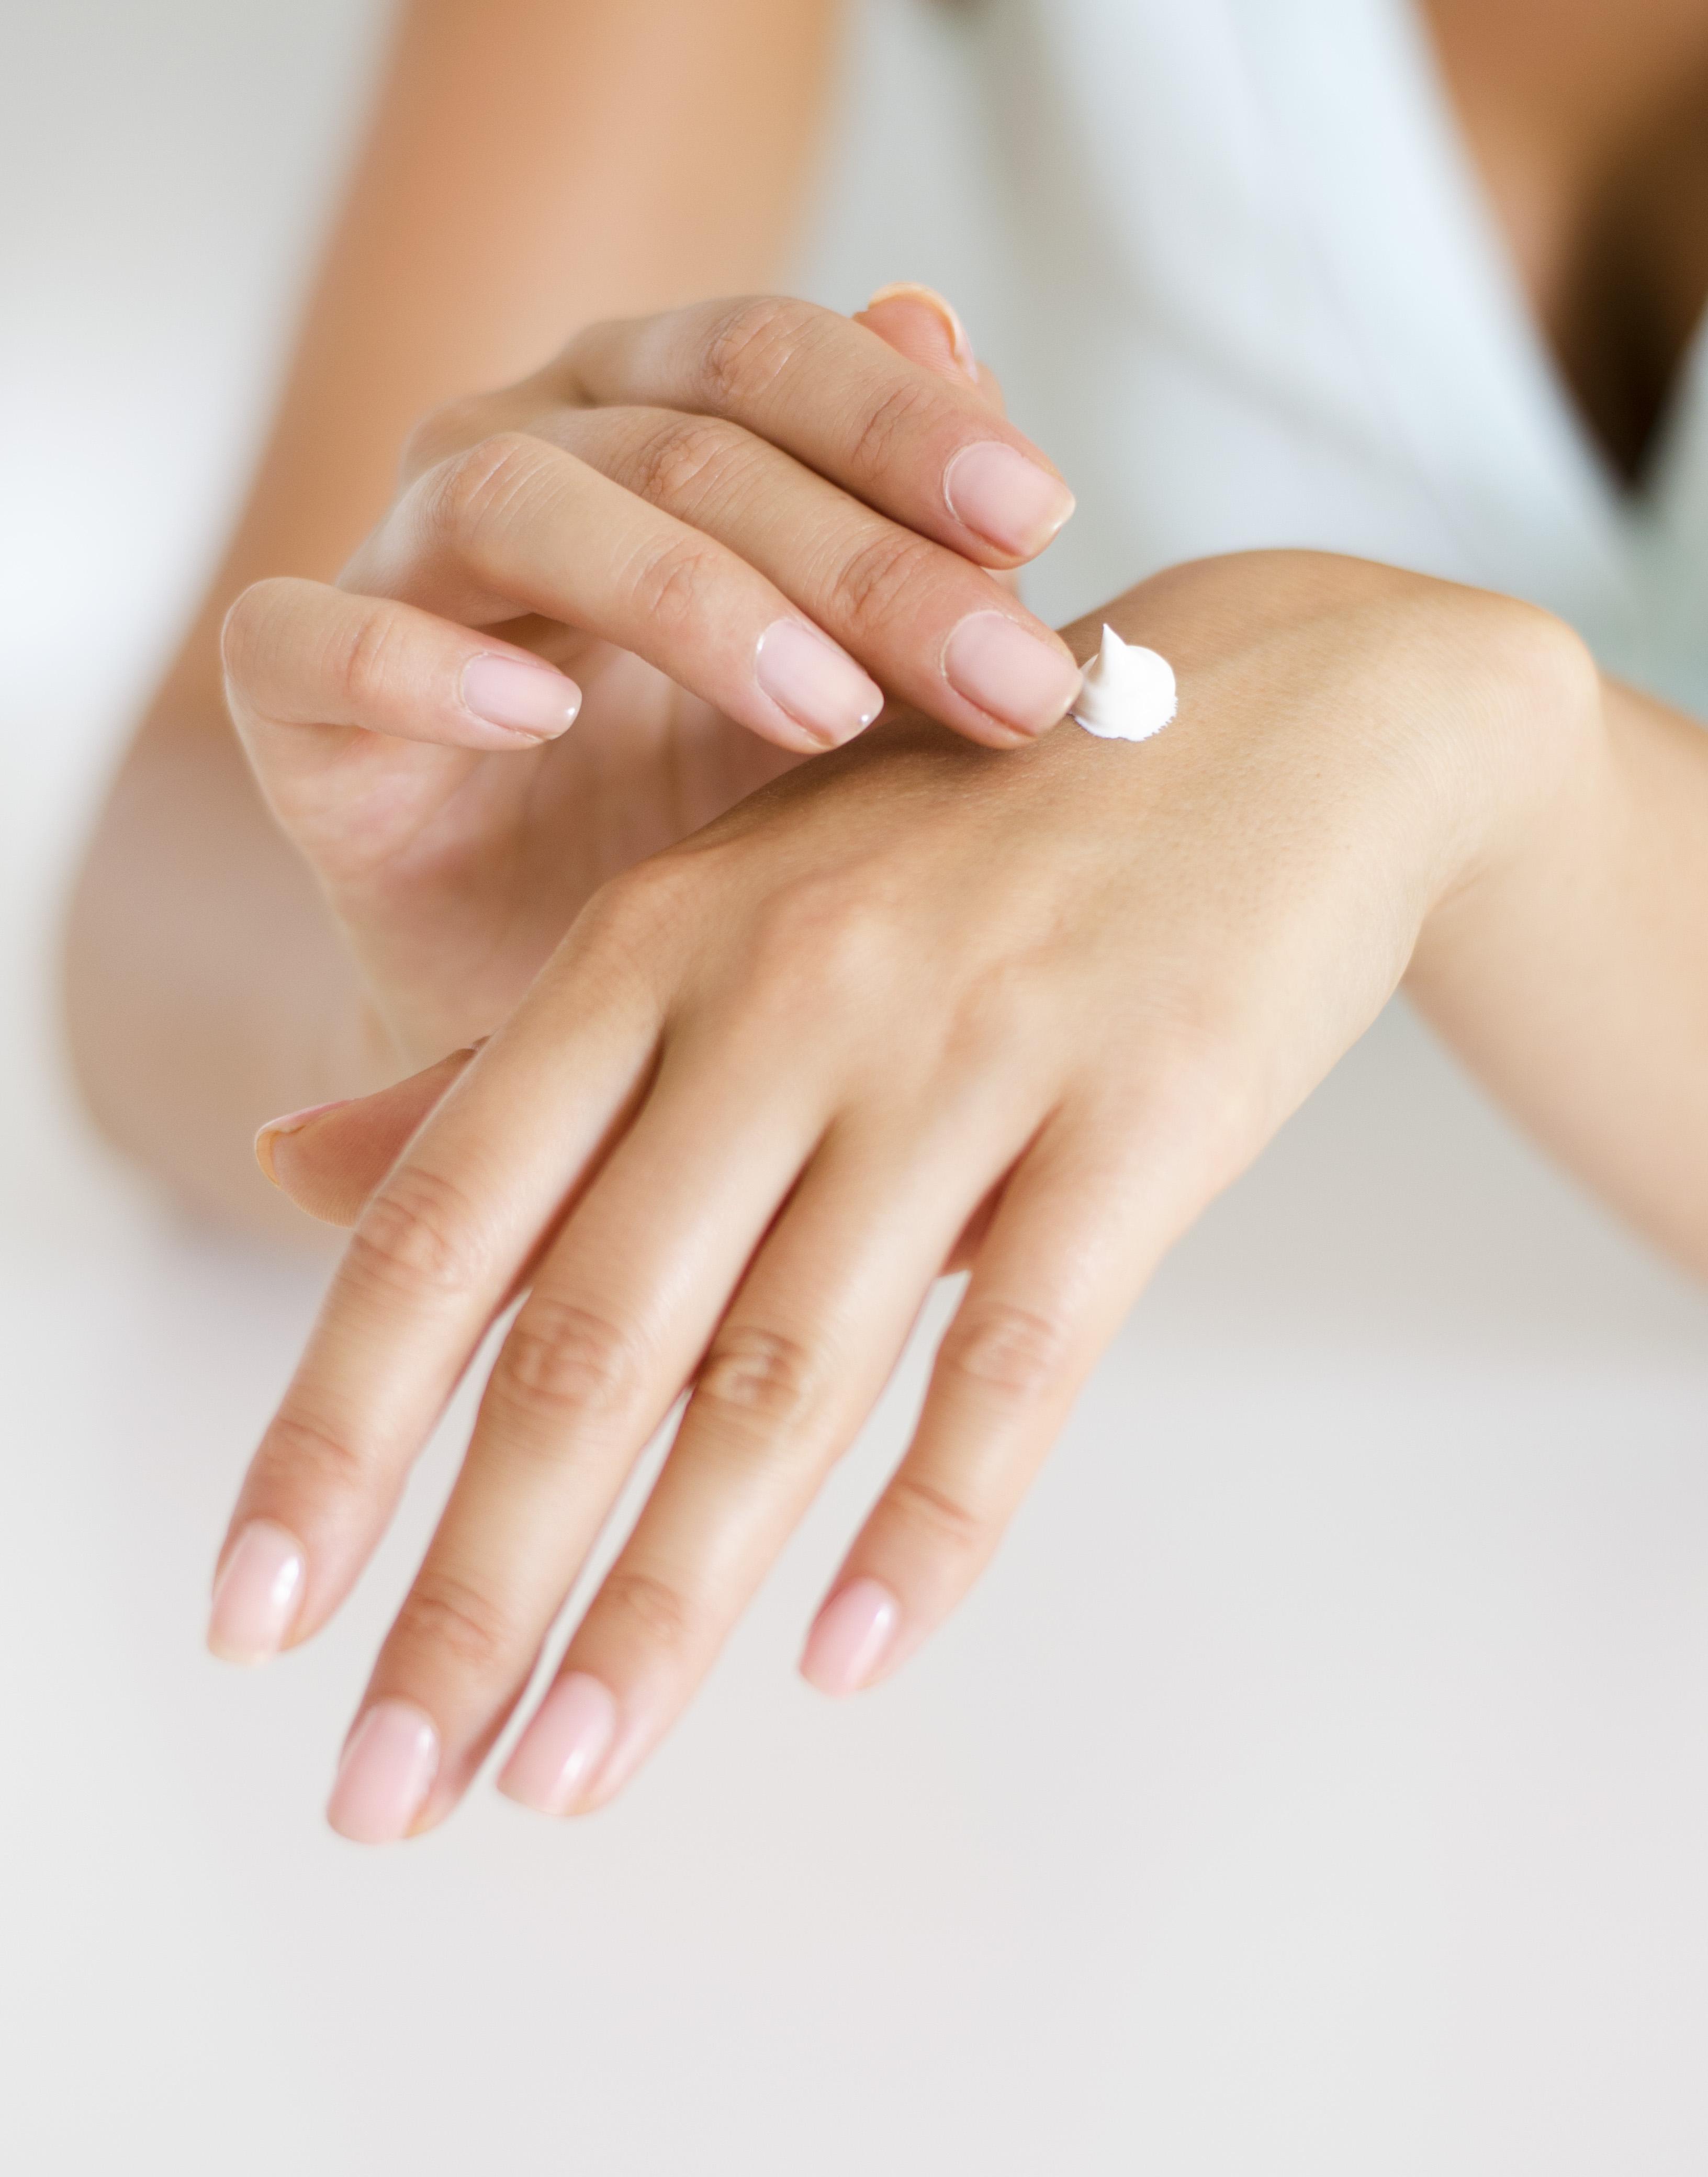 Bạn cần có một quy trình chăm sóc da phù hợp để có thể bảo vệ làn da của mình, đặc biệt trong quá trình điều trị ung thư hoặc các bệnh lý khác (Ảnh: Sưu tầm)